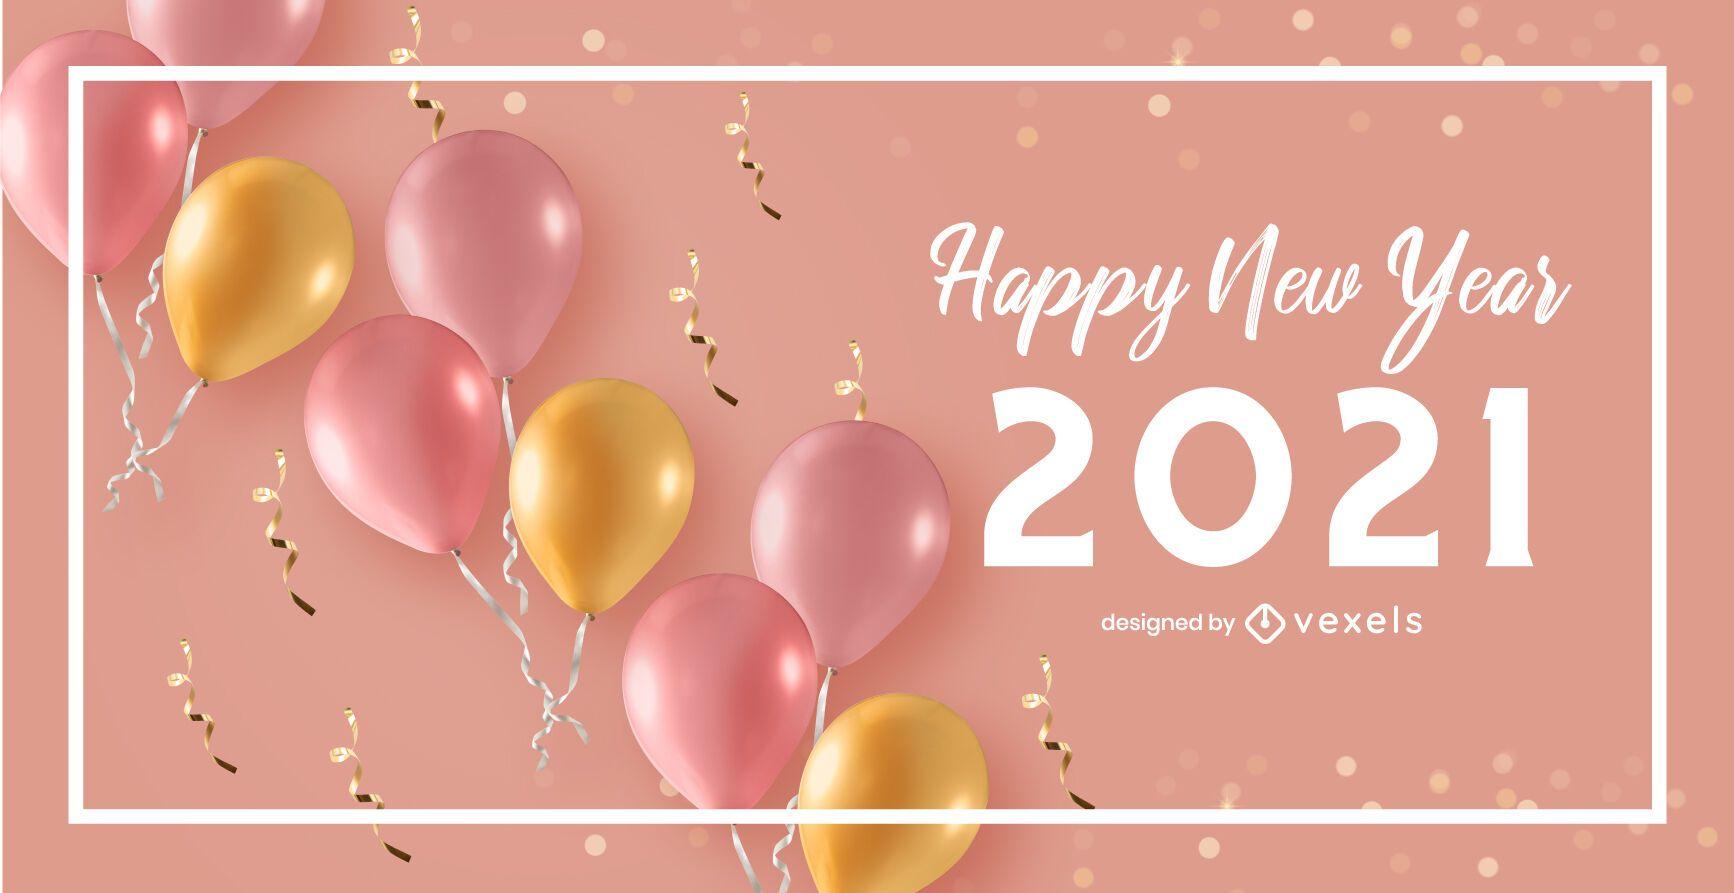 Feliz año nuevo 2021 diseño de fondo de celebración